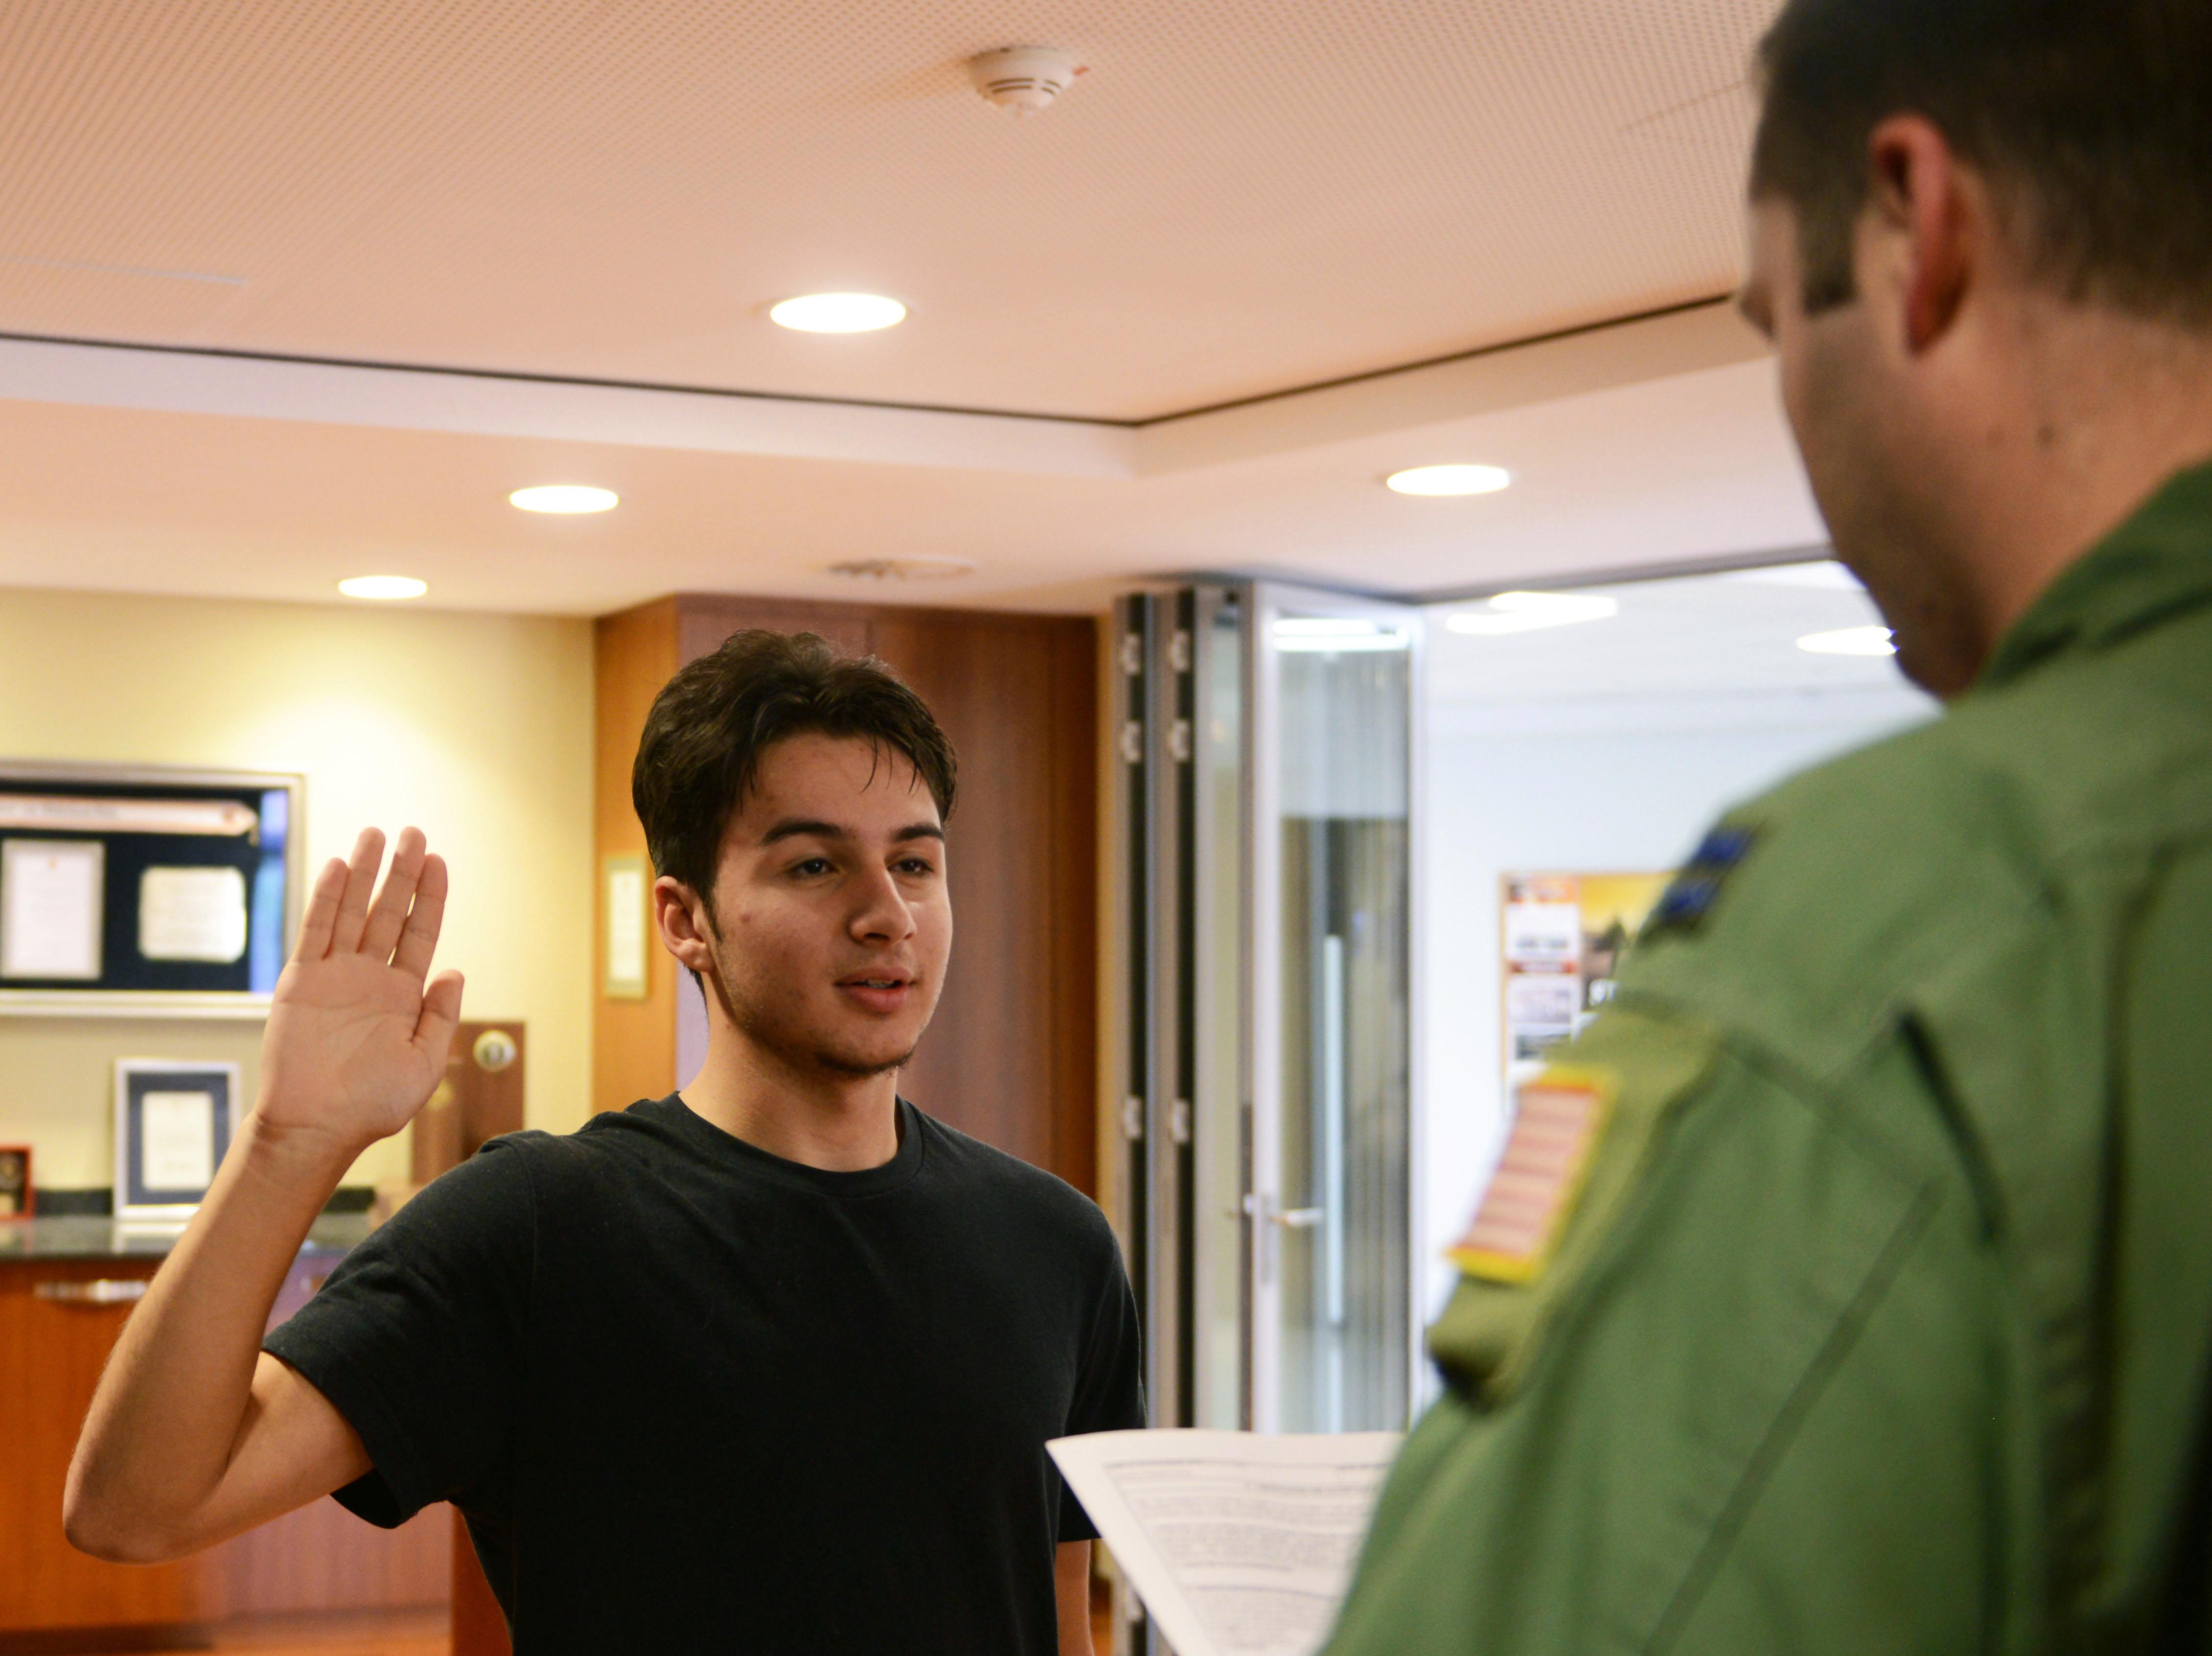 ramstein recruiters work around challenges get job done ramstein recruiters work around challenges get job done